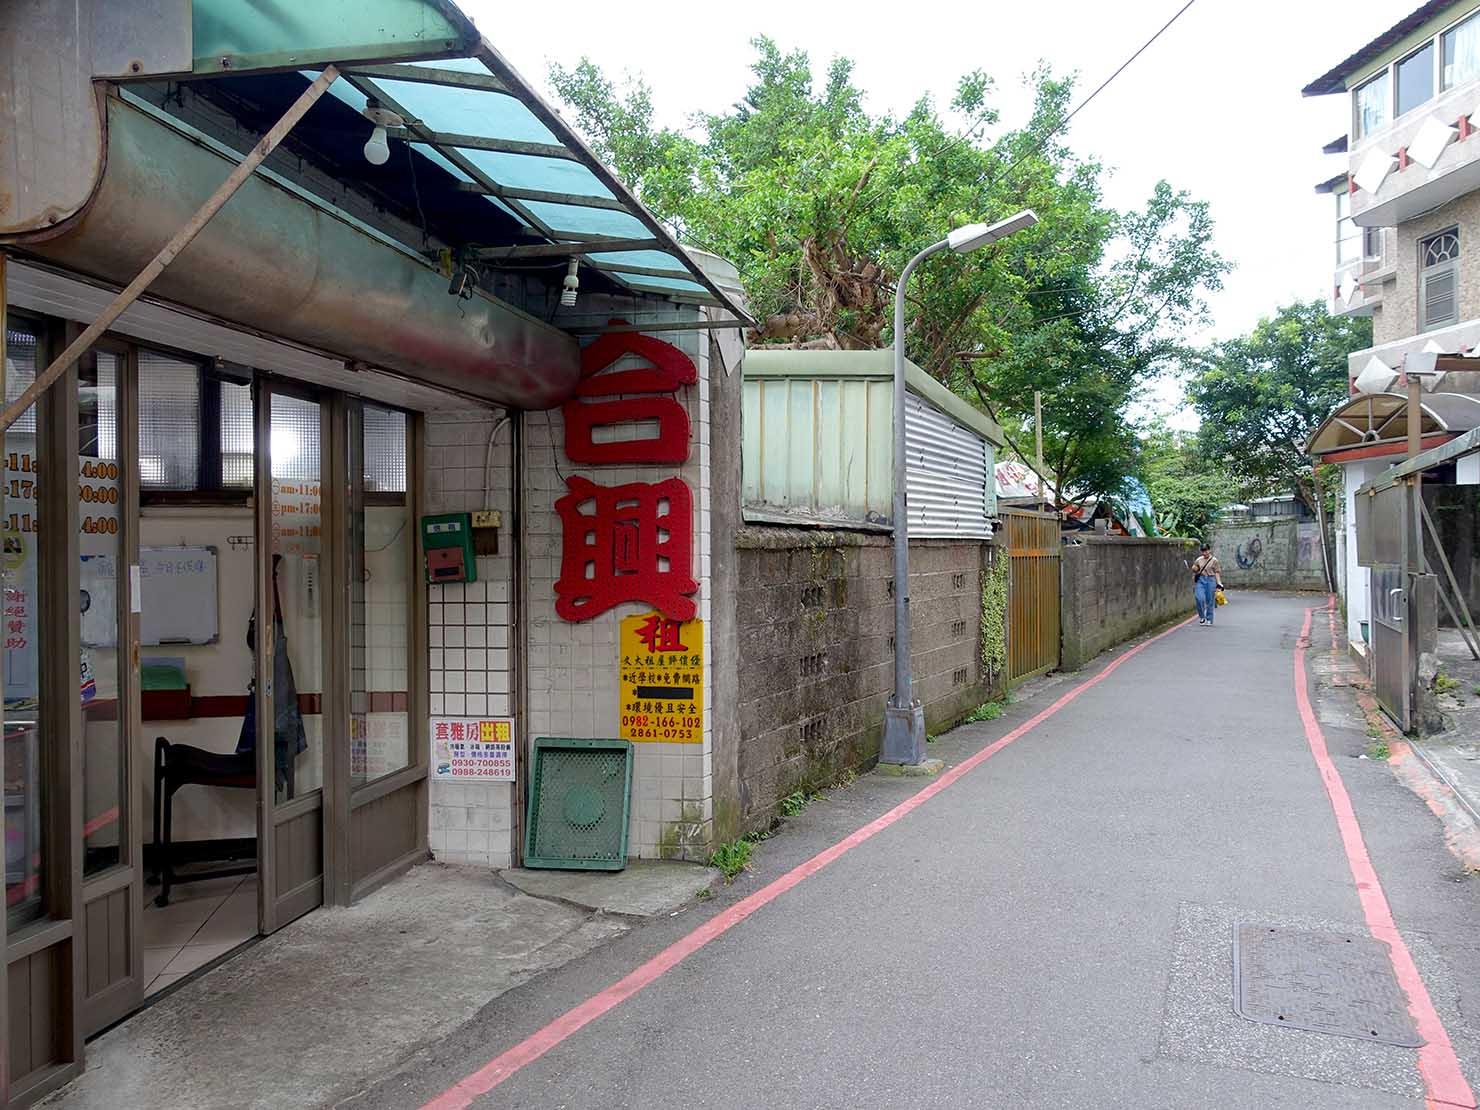 台北・陽明山のレストラン「草山夜未眠」へのアクセス(格致路55巷)